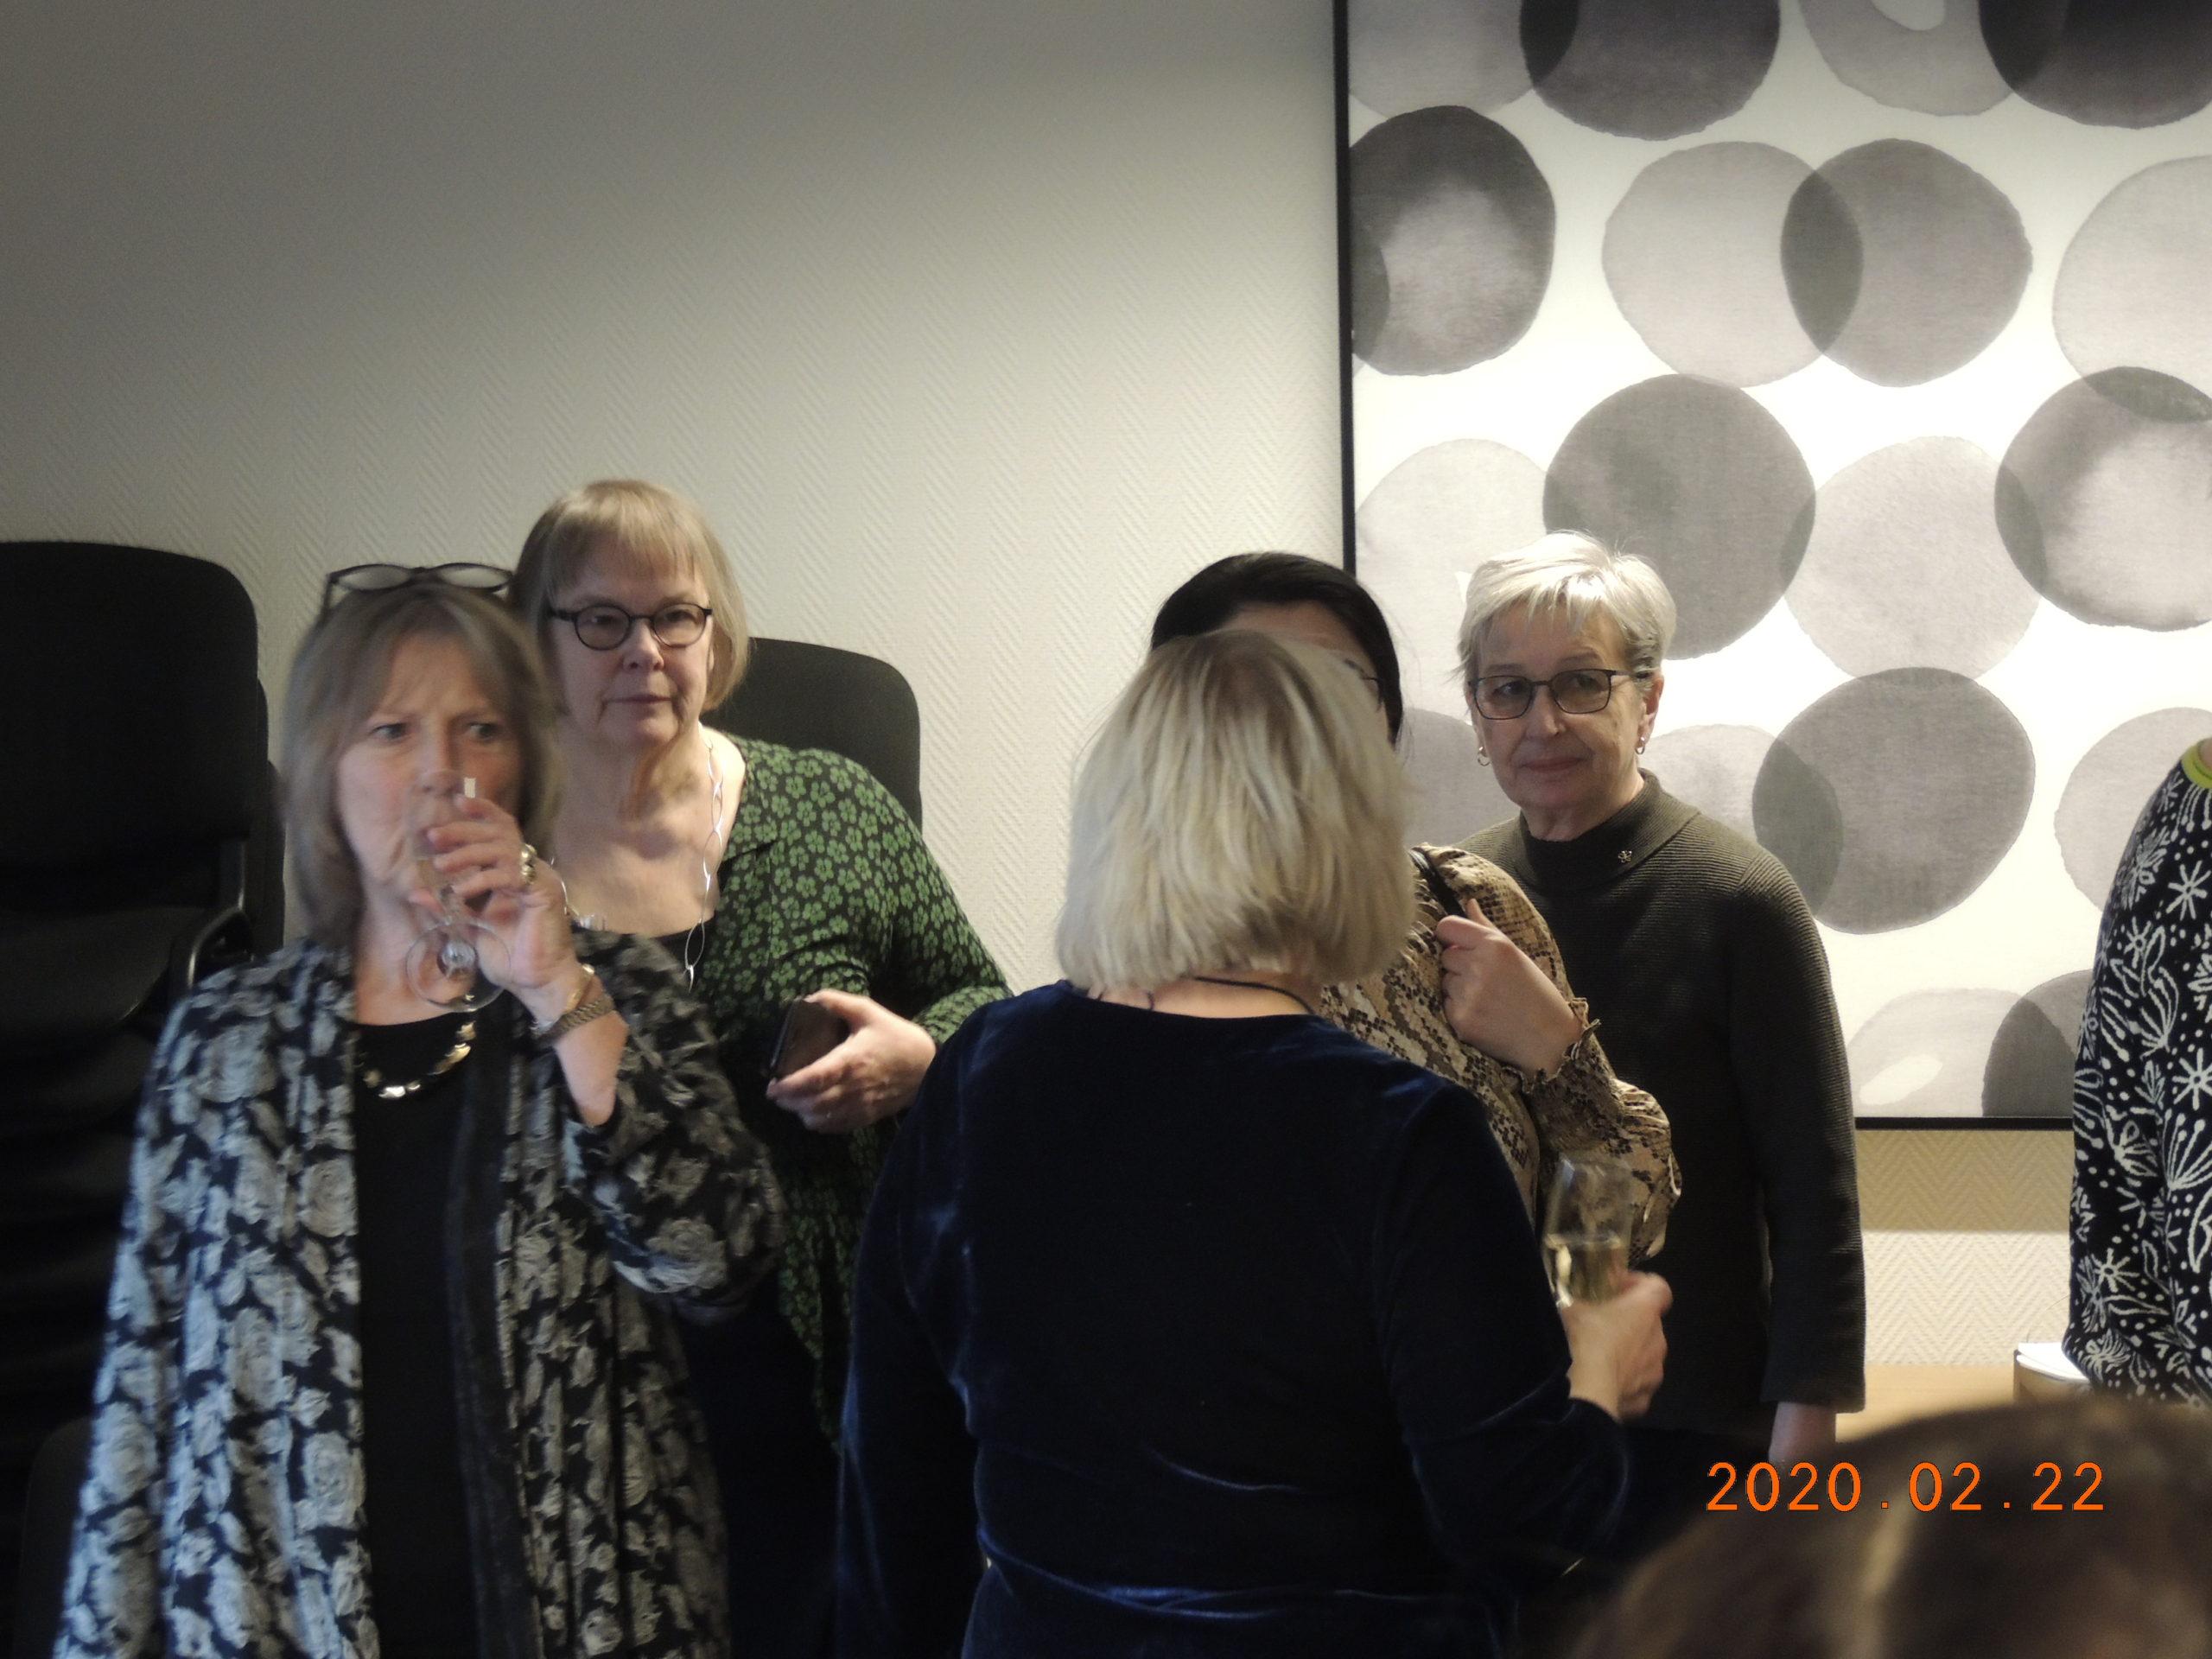 14 Ann-Katrin, Anna och Kerstin